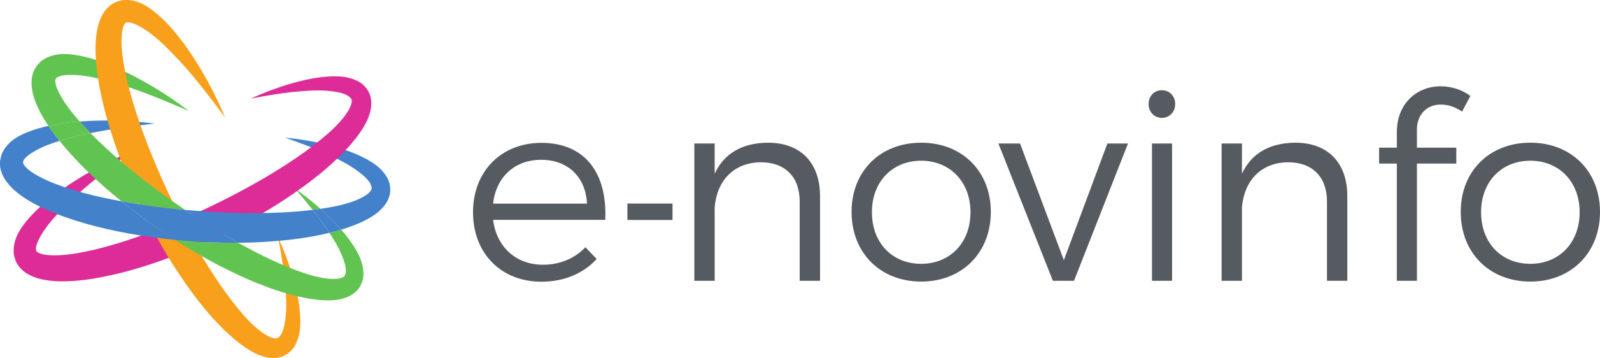 e-novinfo, la nouvelle plateforme e-novision sur les rails avec l'arrivée de Mr Lack Christian, Art & Project Director